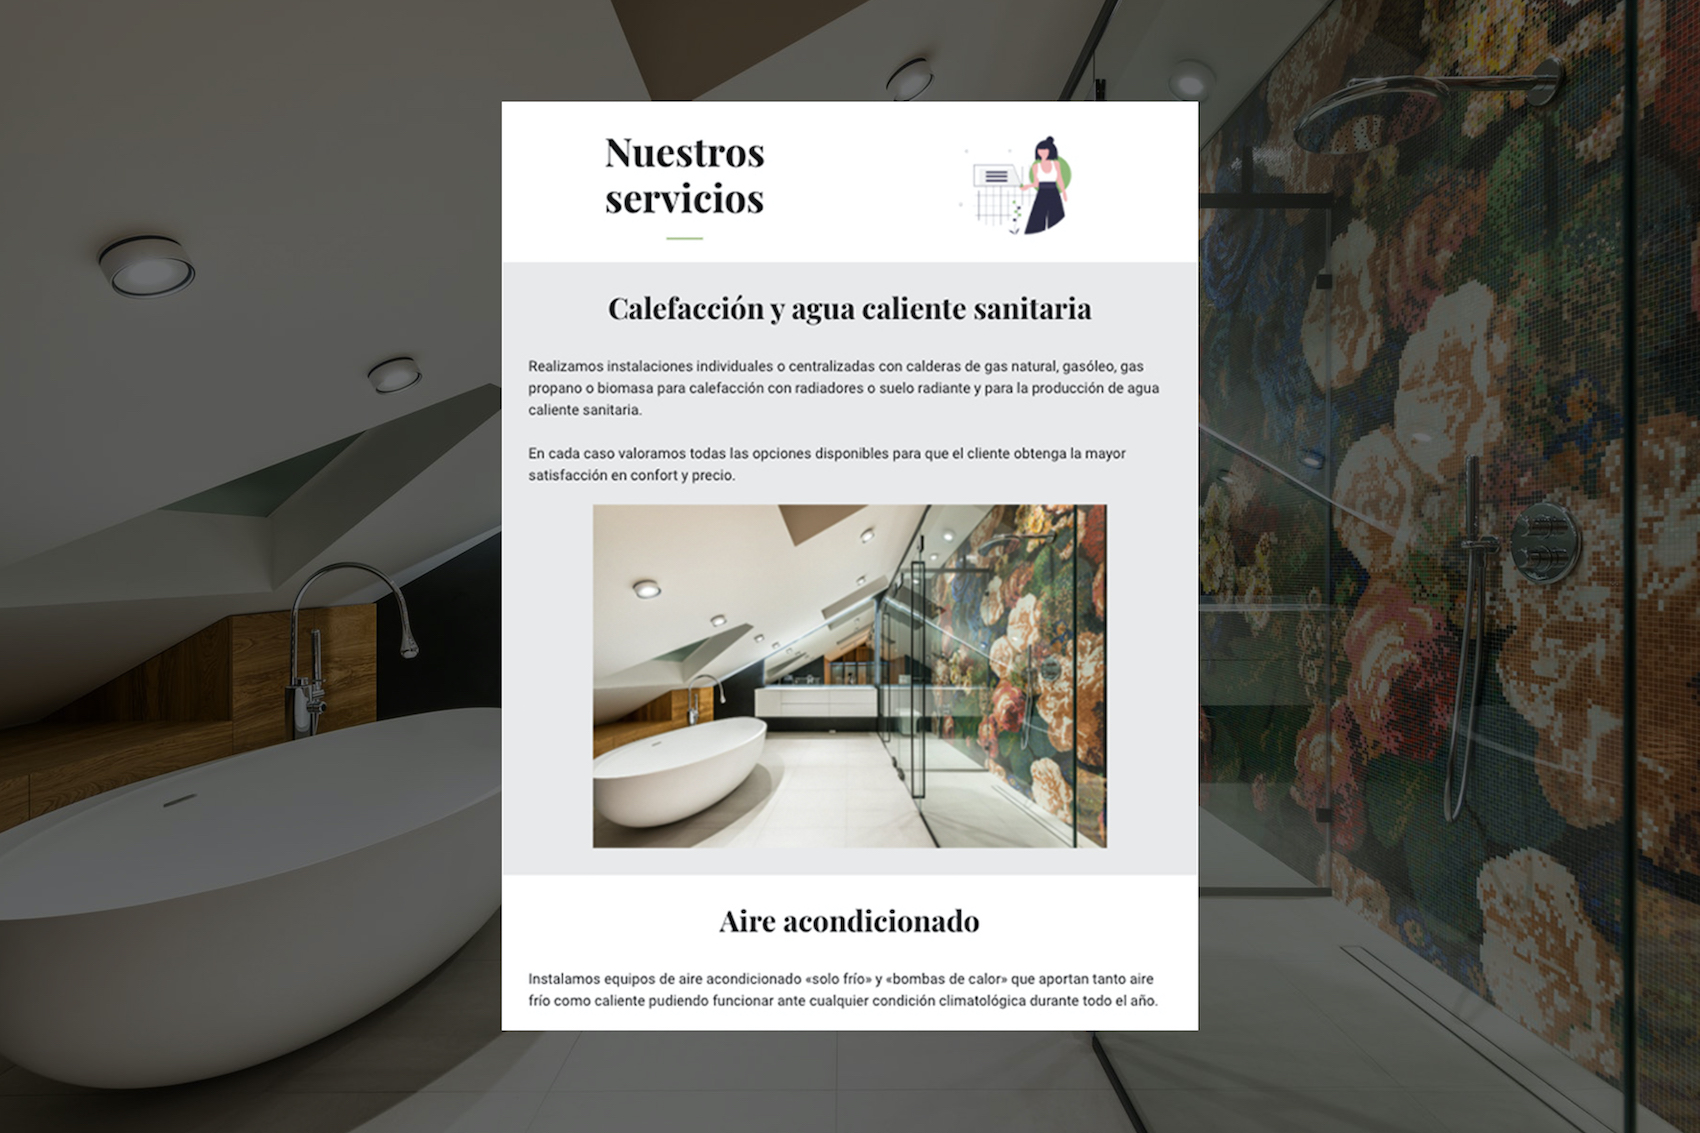 Portfolio persoal de deseño web: tablet